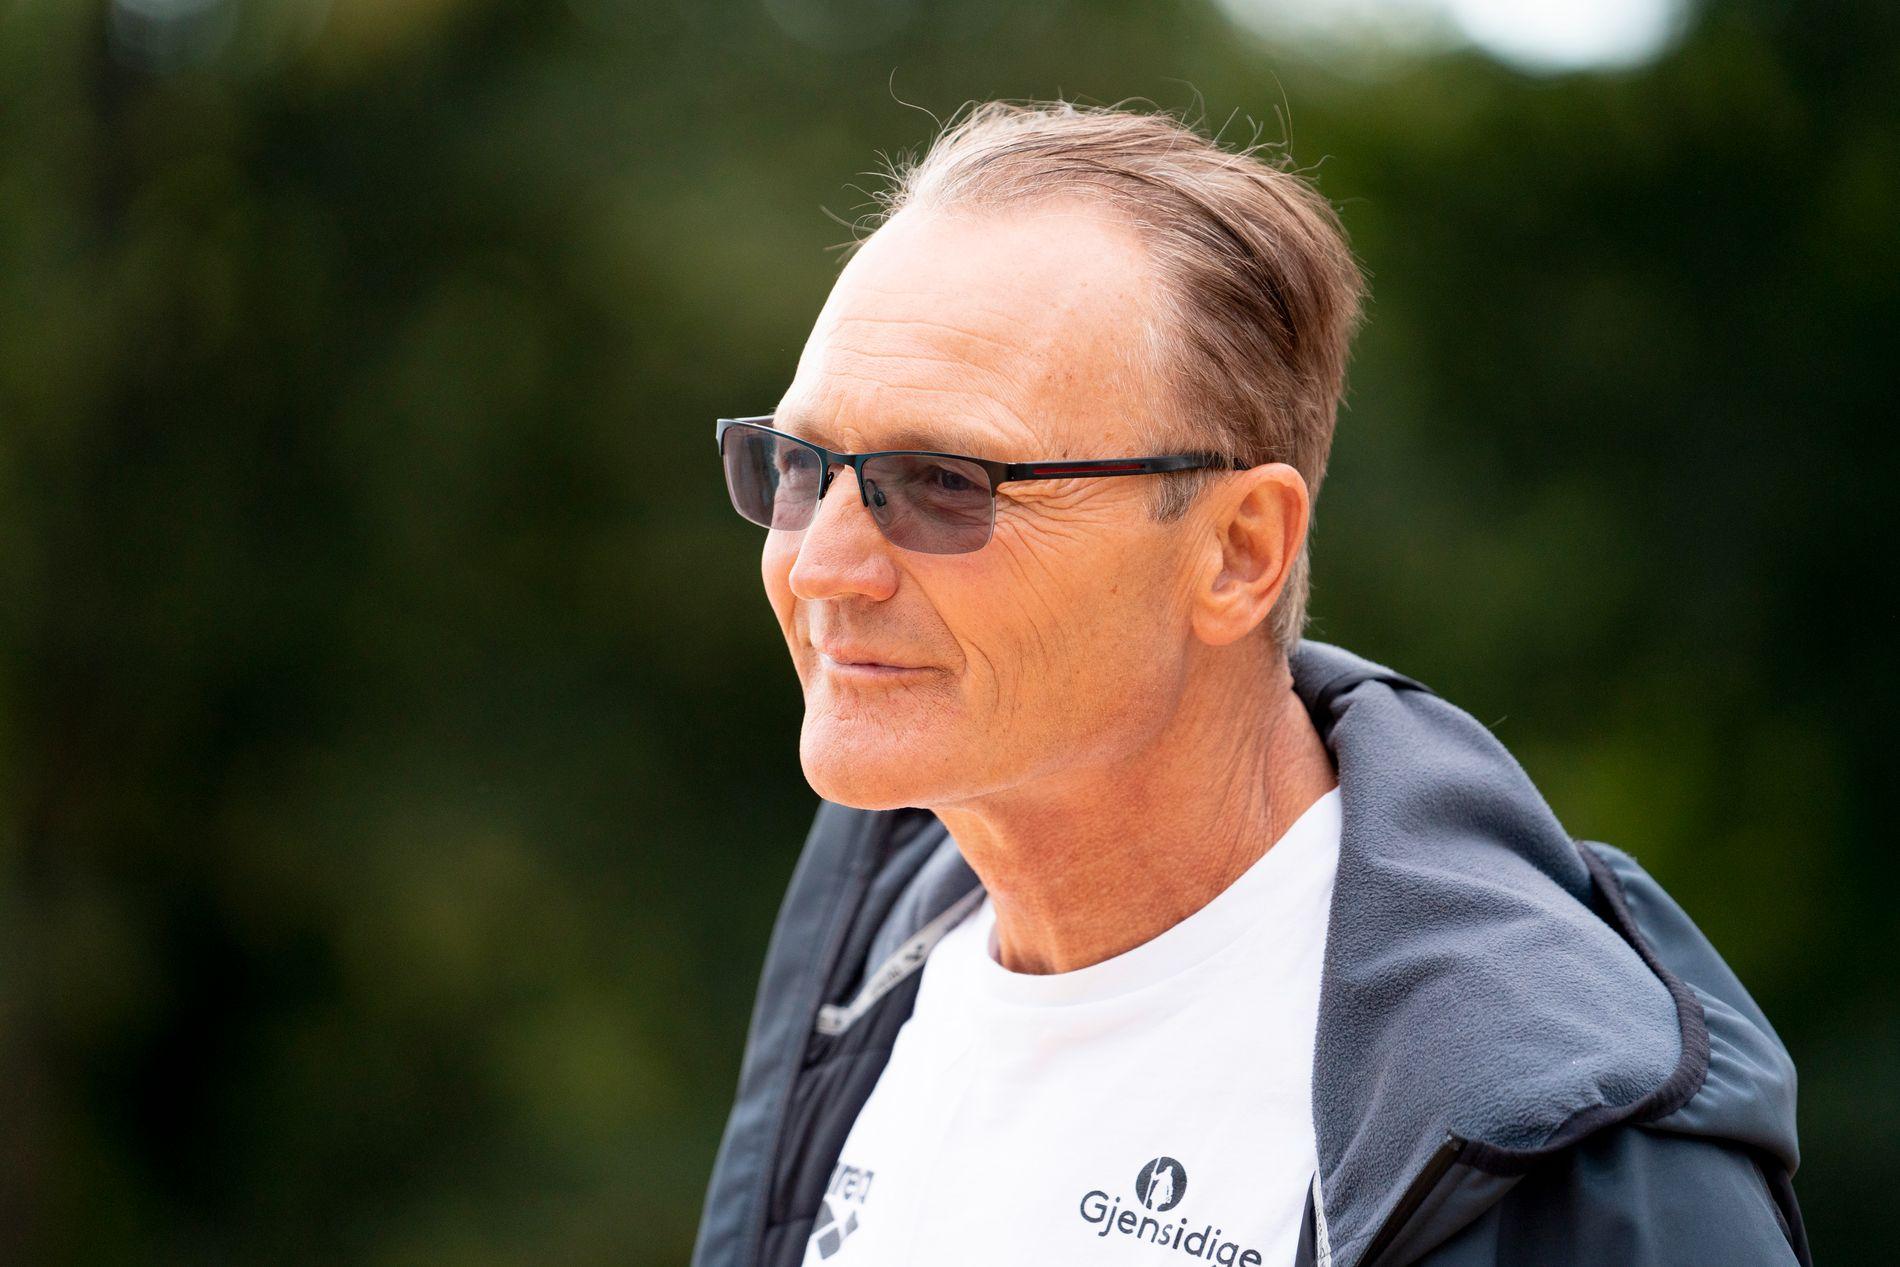 Landslagssjef Petter Løvberg gleder seg over at Norge har fått opp et nytt svømmetalent på kvinnesiden.